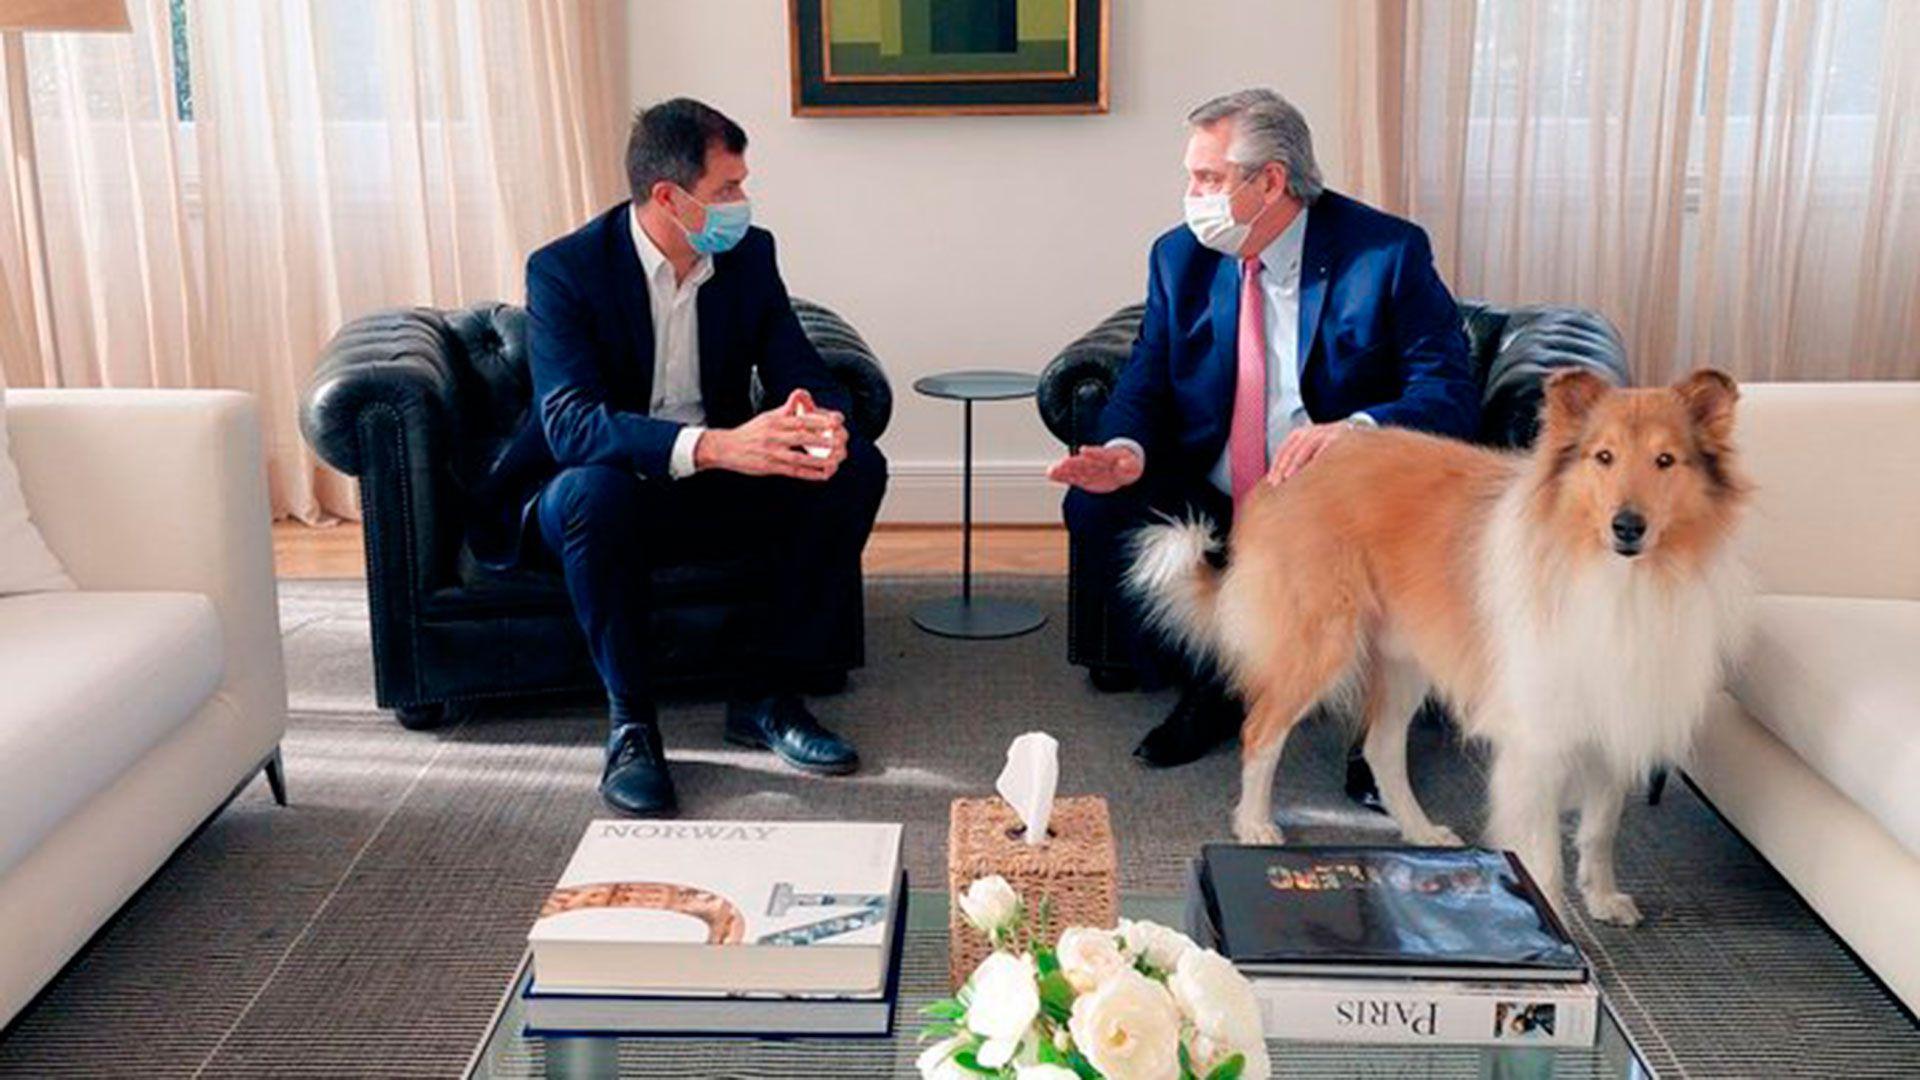 el presidente Alberto Fernández y Eduardo Bali Bucca